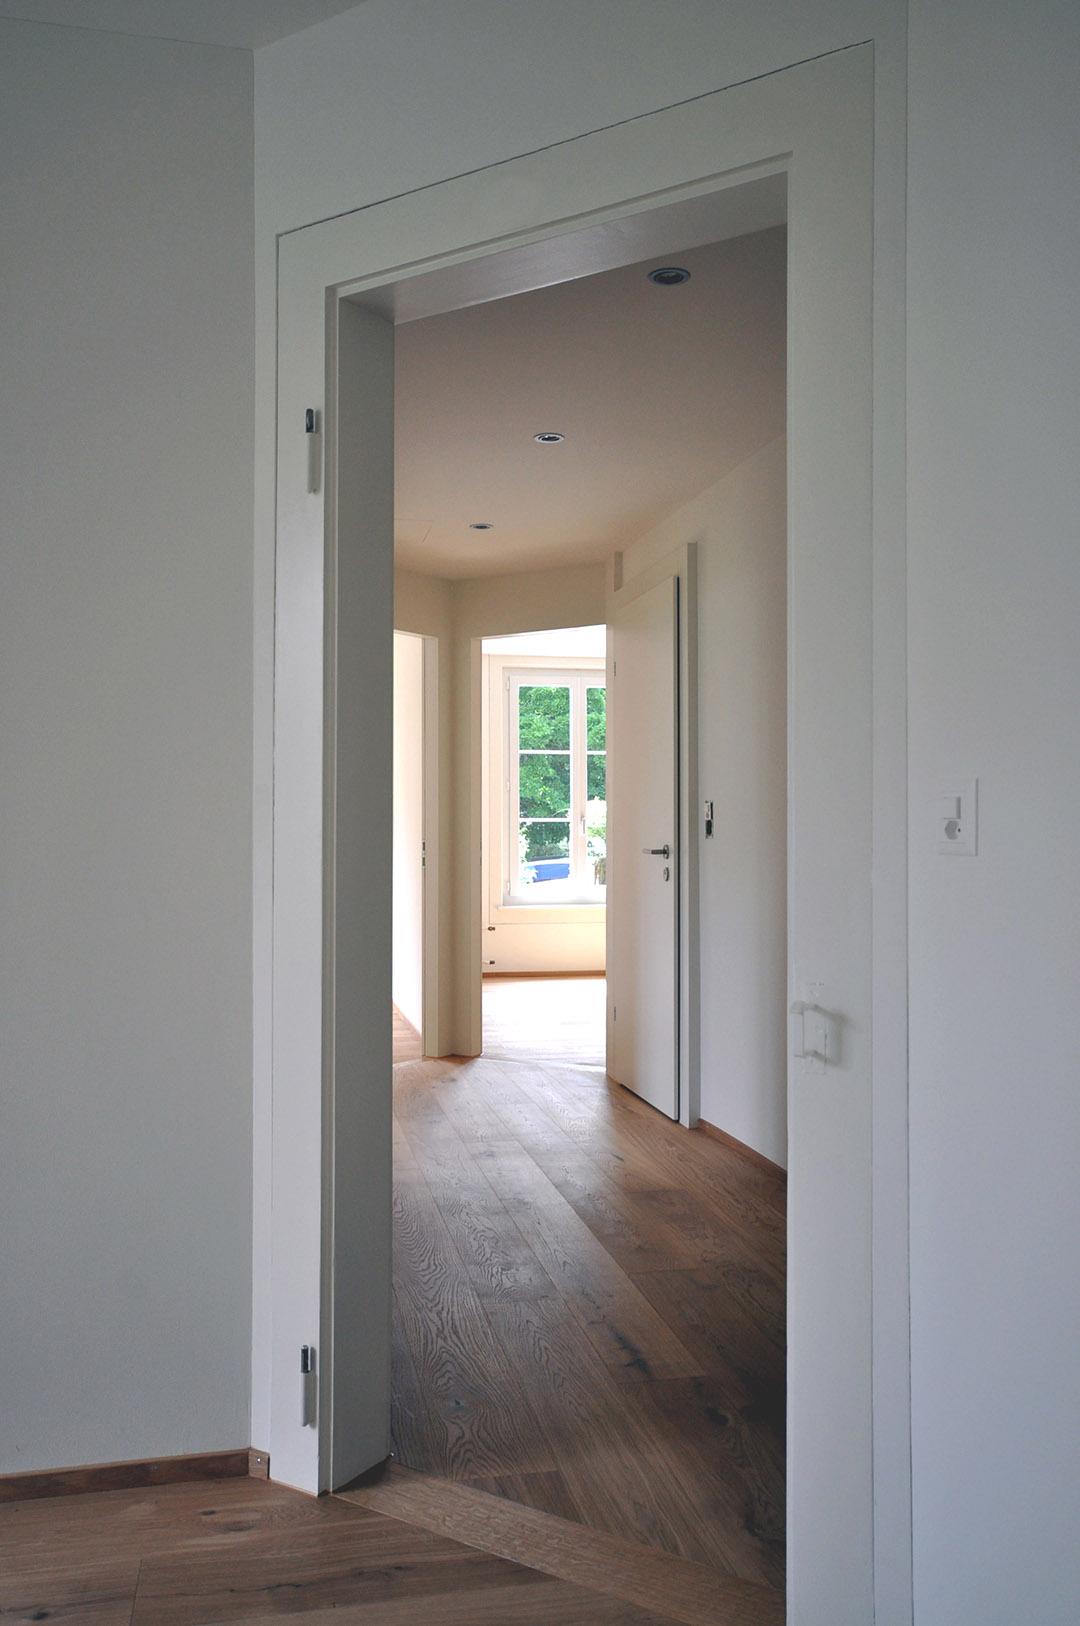 pfarch_Haus_Schürmann_Zimmer